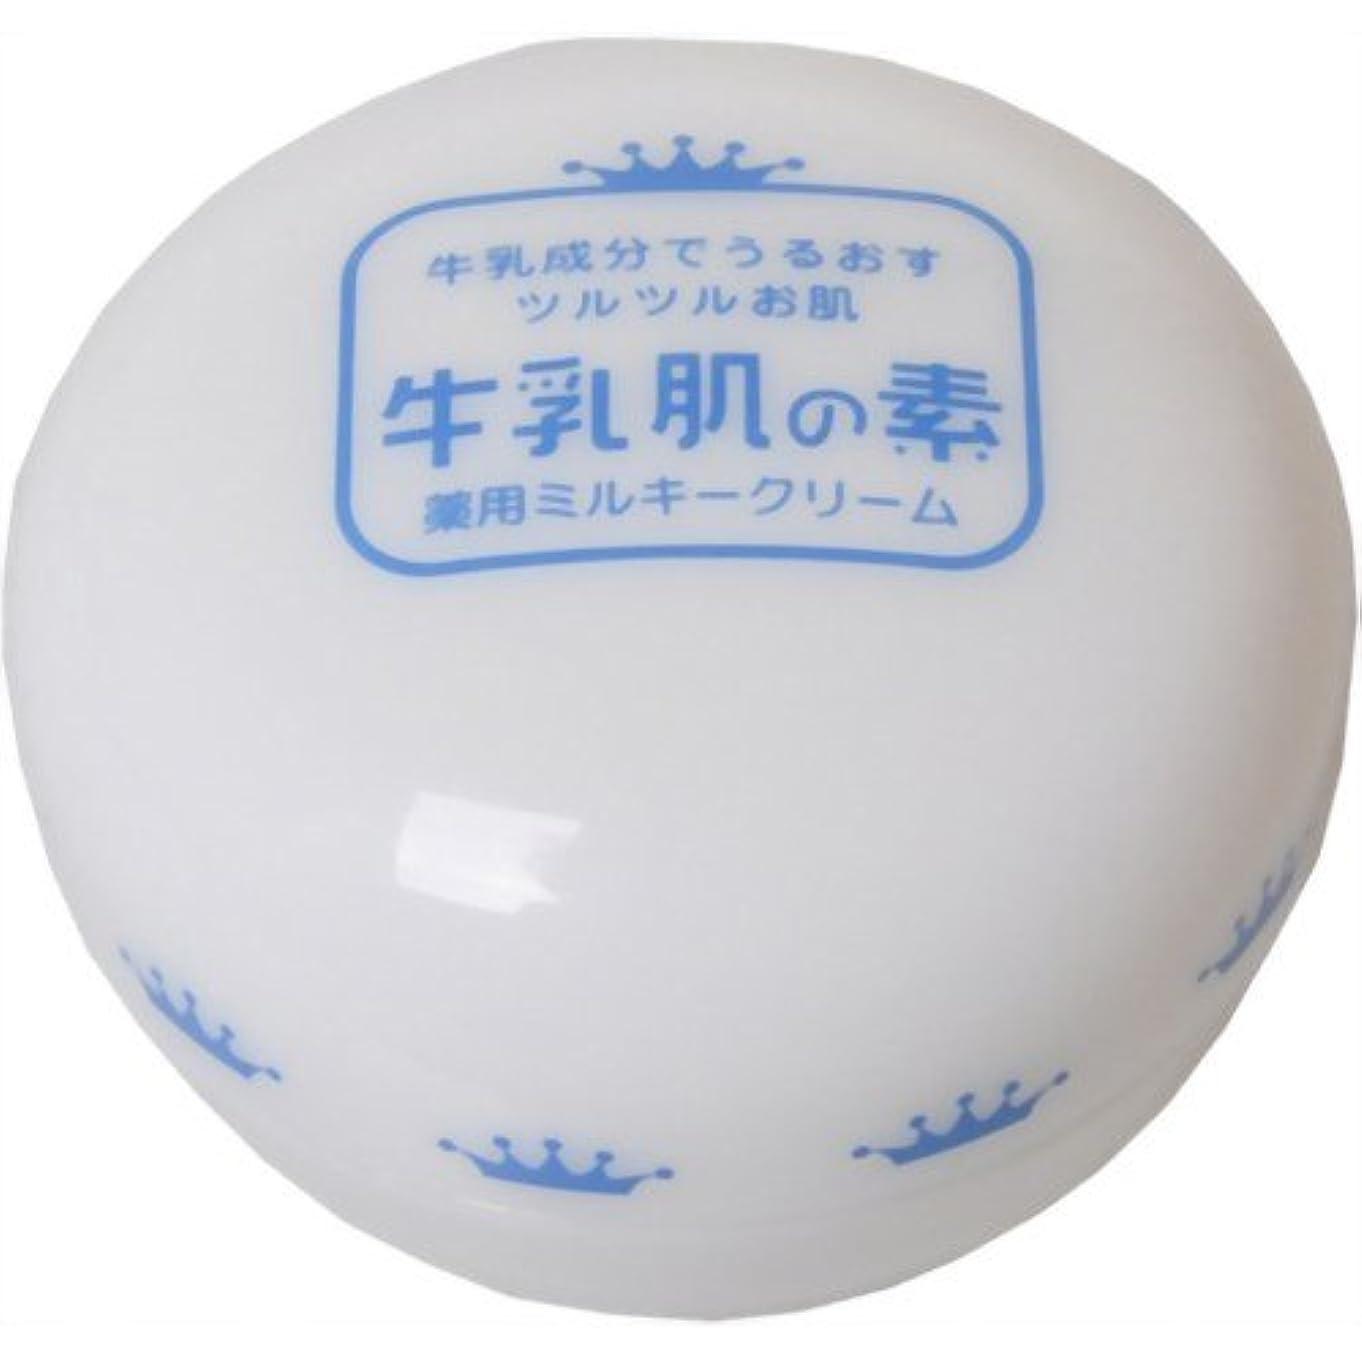 キャンベラ発疹蒸発する牛乳肌の素 薬用ミルキークリーム 20g